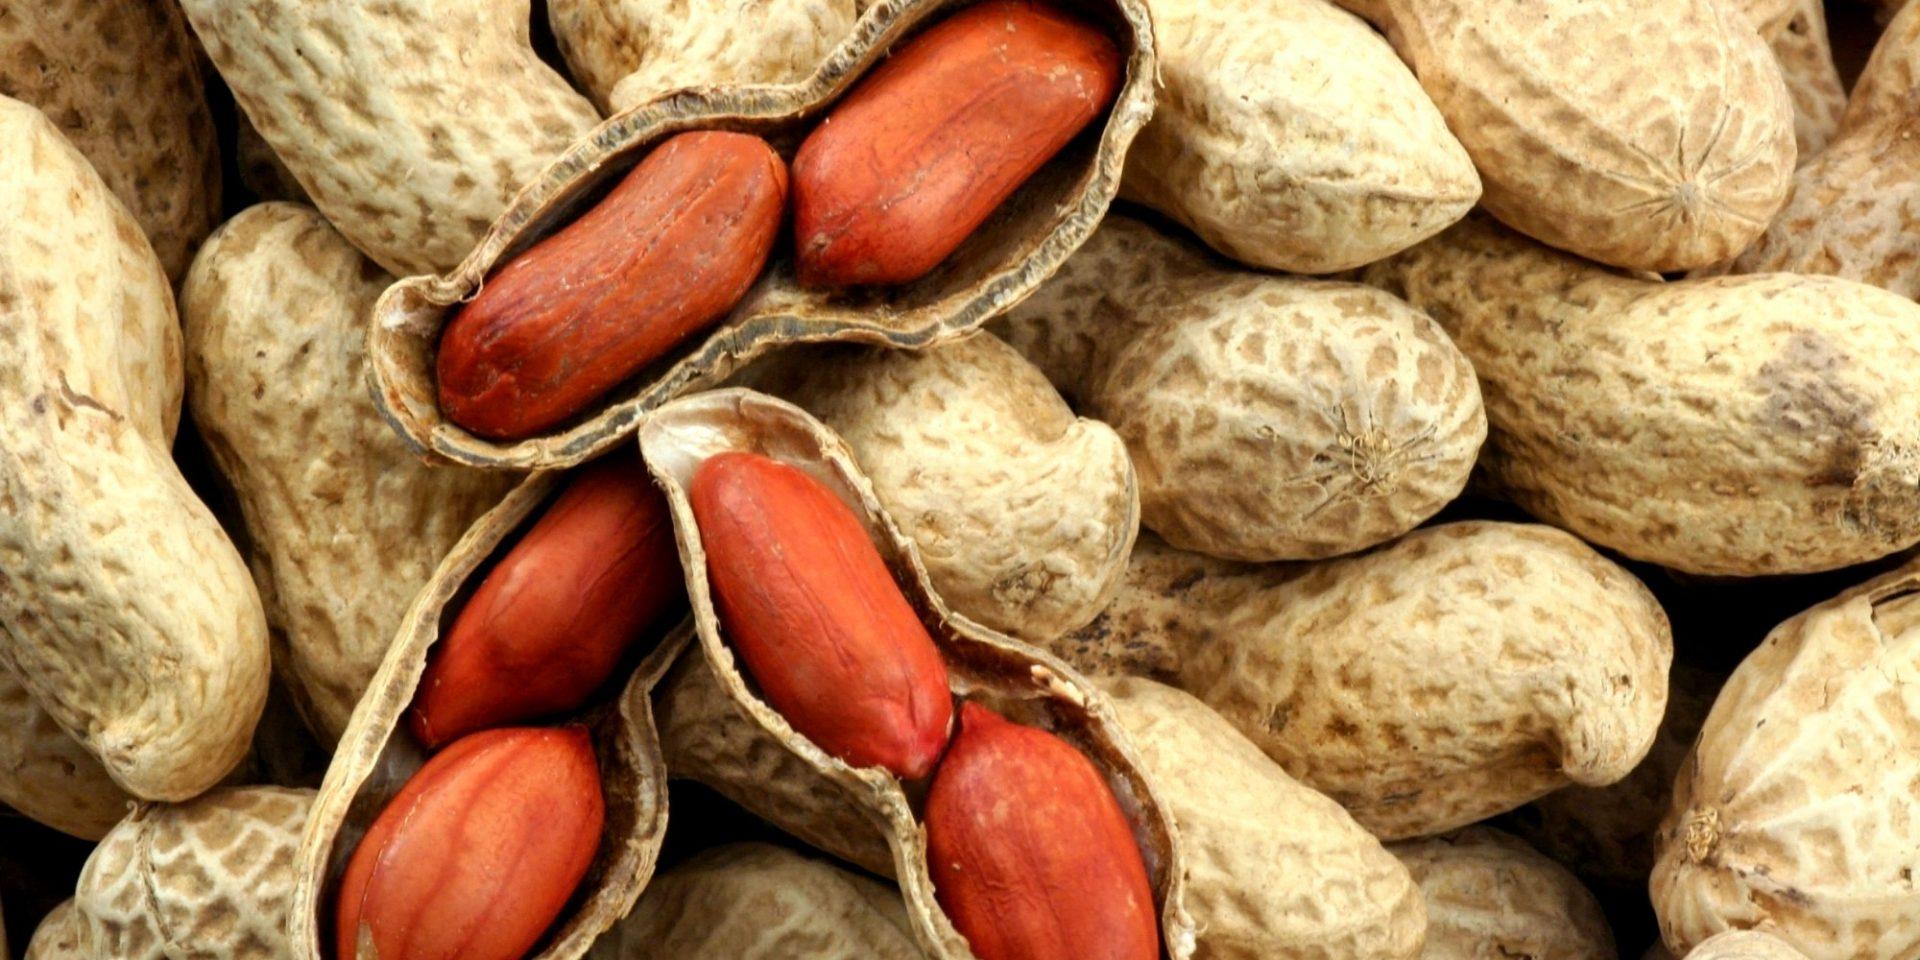 Obtenha sucesso no cultivo de amendoim